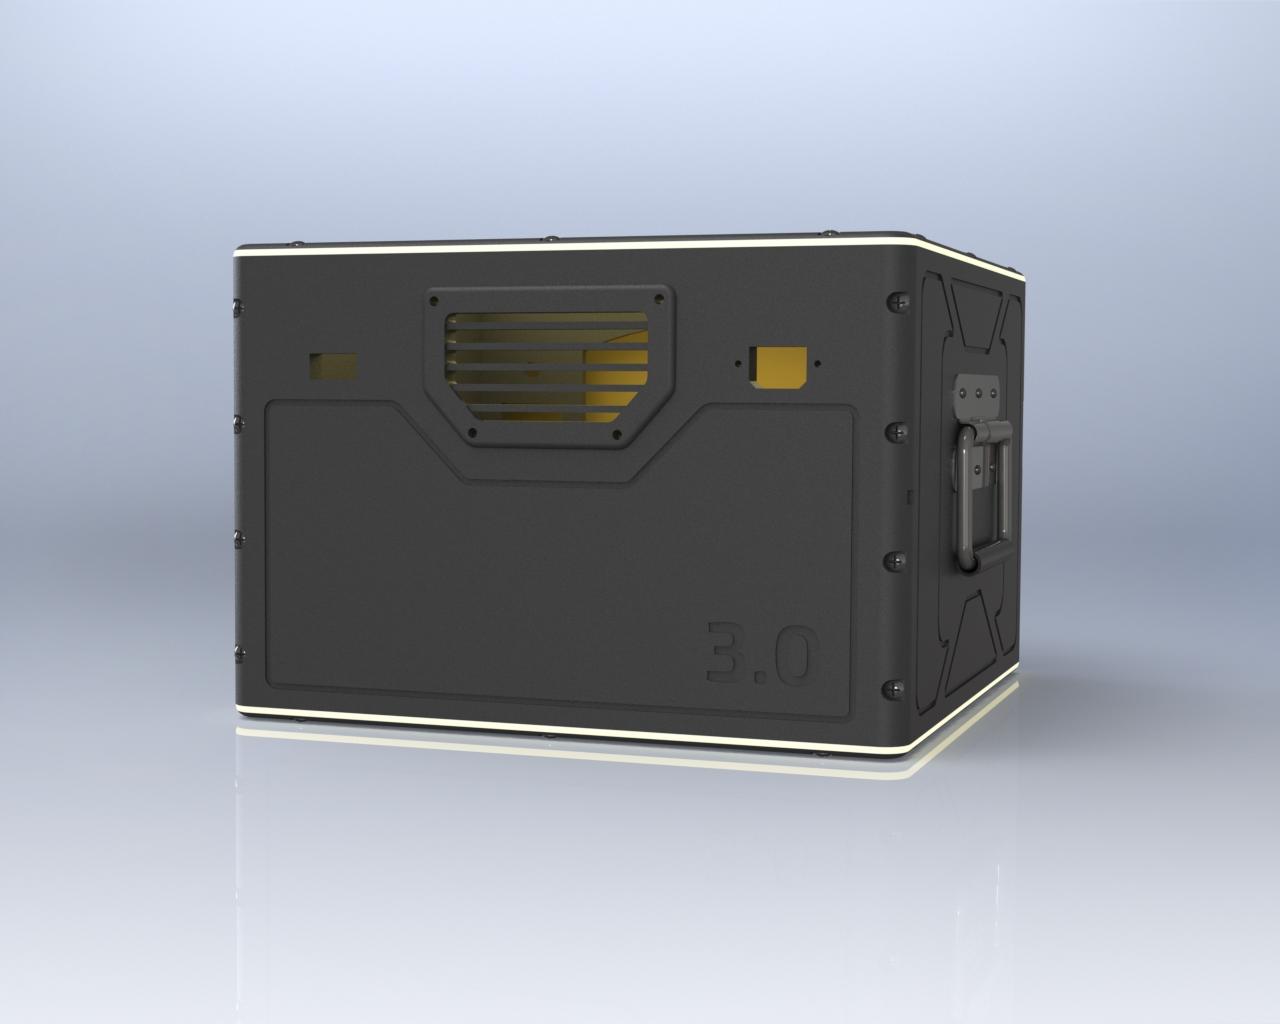 Juicebox_R5.JPG